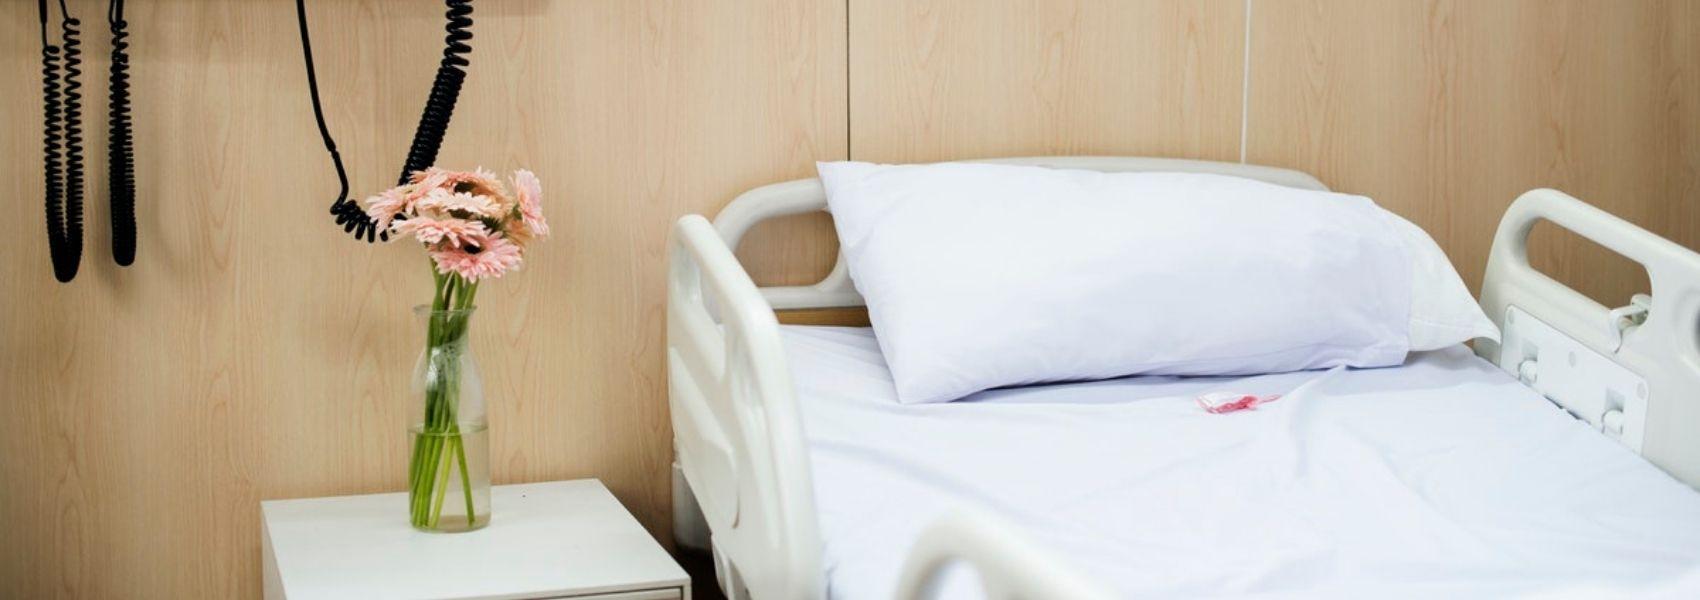 Em oito anos, gastaram-se 89,1 milhões de euros com hospitalizações por esquizofrenia nos hospitais públicos